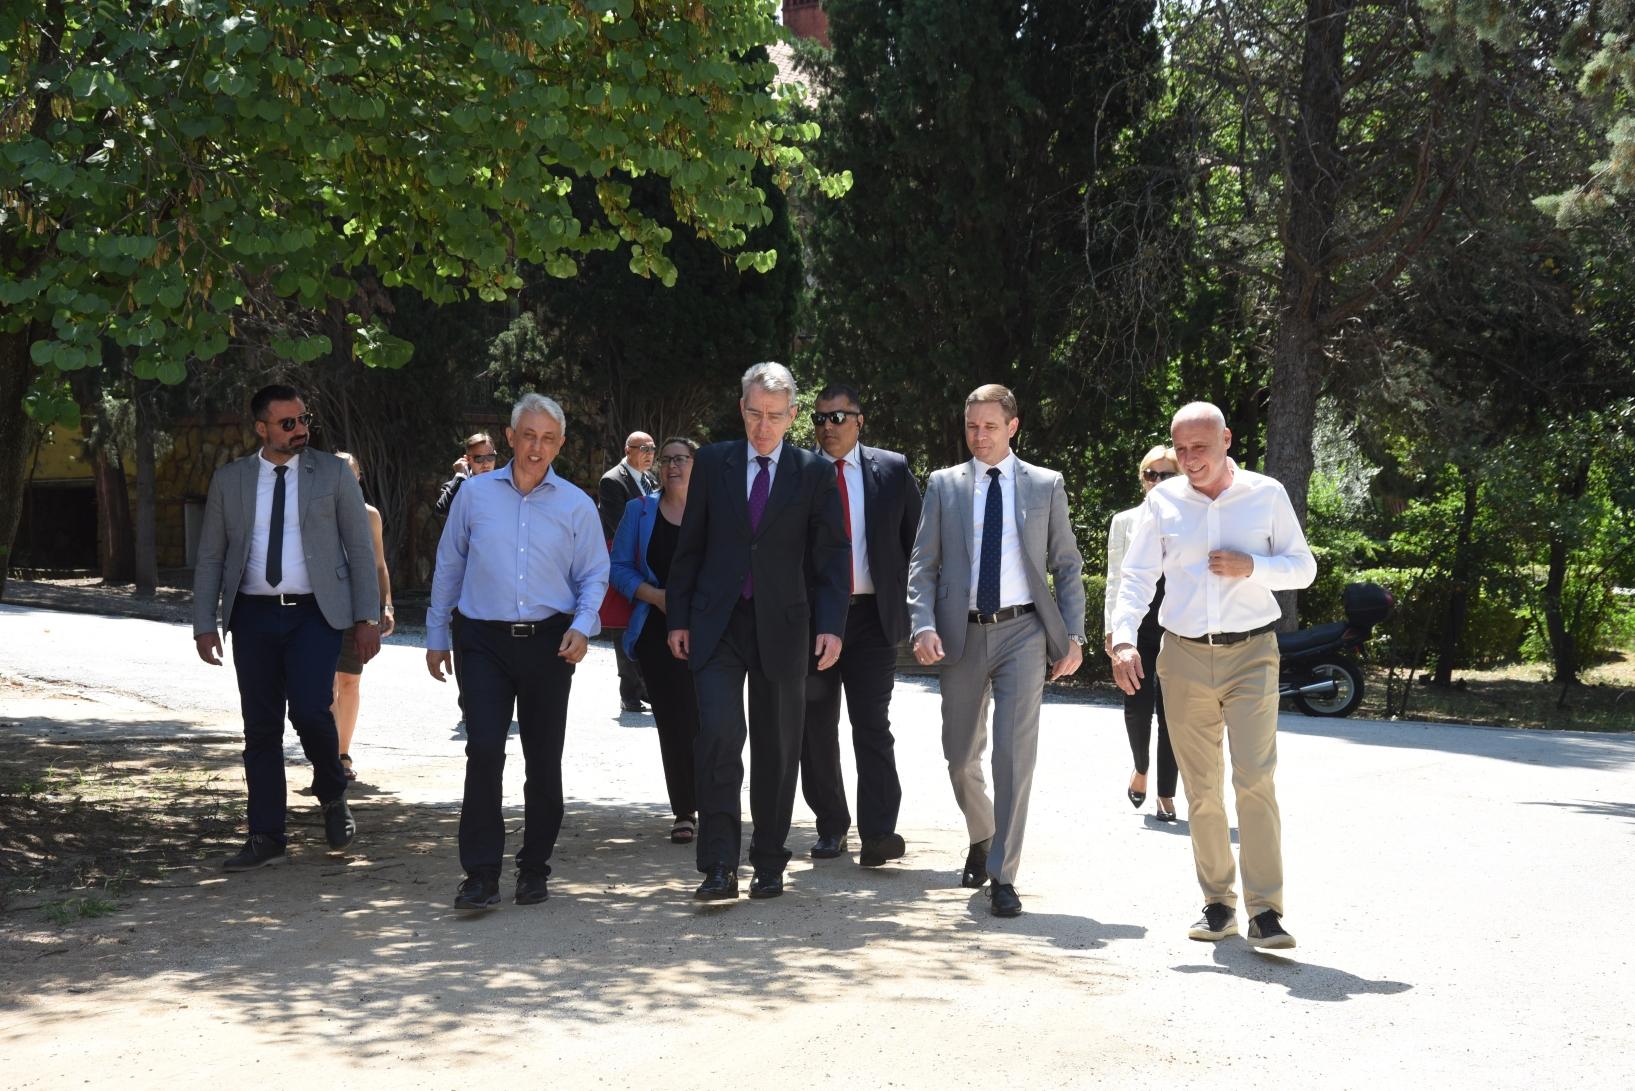 Το Anna Papageorgiou STEM Center του Ανατόλια που κατασκευάζει η ΕΛΛΑΚΤΩΡ επισκέφθηκε ο Αμερικανός Πρέσβης Geoffrey Pyatt